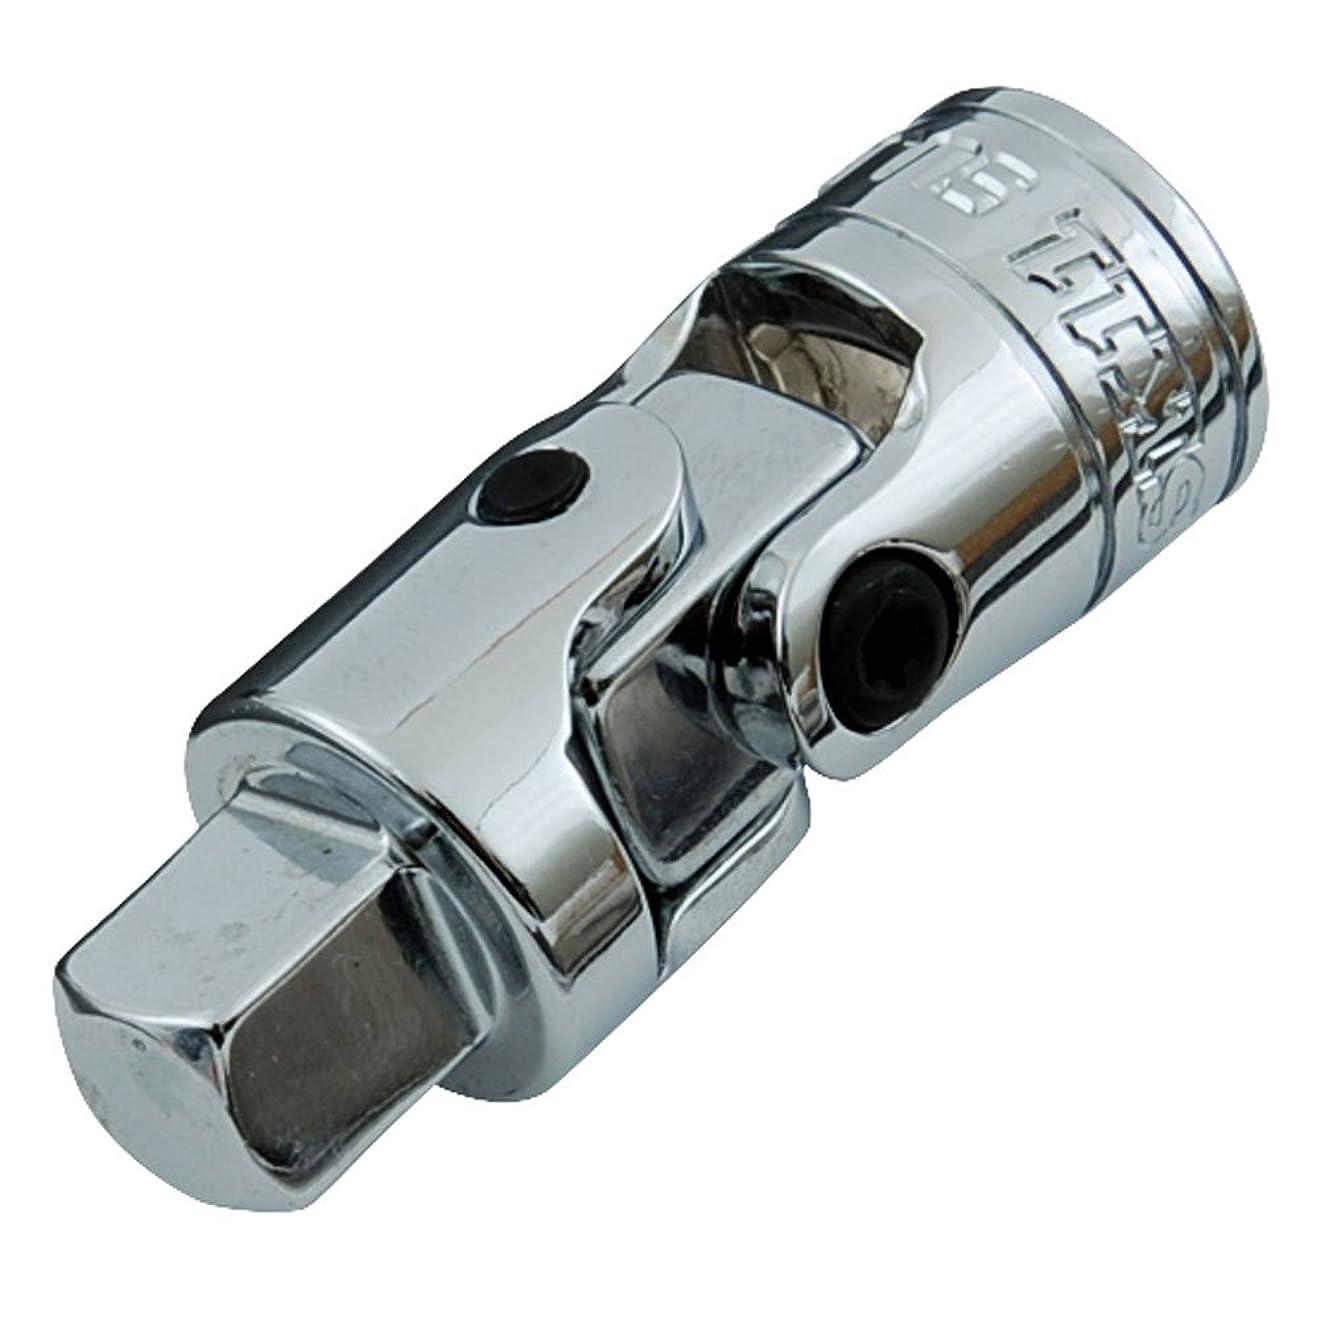 歪める大いに現代のSK11 ユニバーサルジョイント 差込角 9.5mm 3/8インチ SUJ3